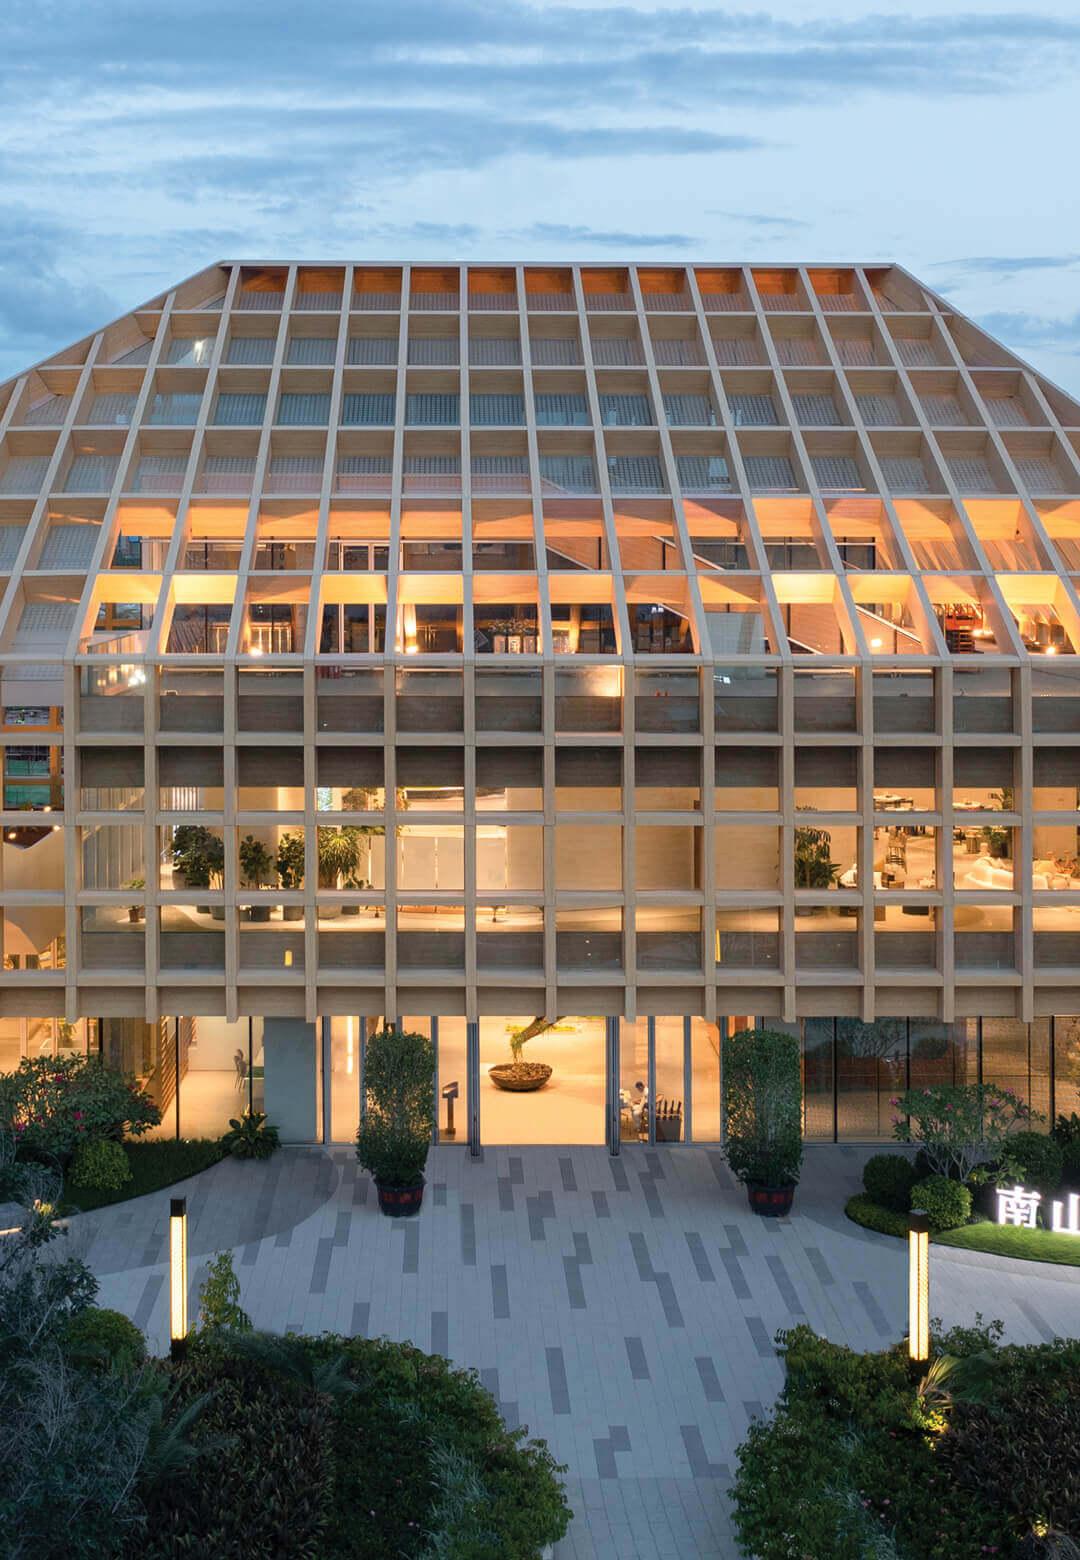 Sanya Farm Lab by CLOU architects | Sanya Farm Lab | CLOU architects | STIRworld